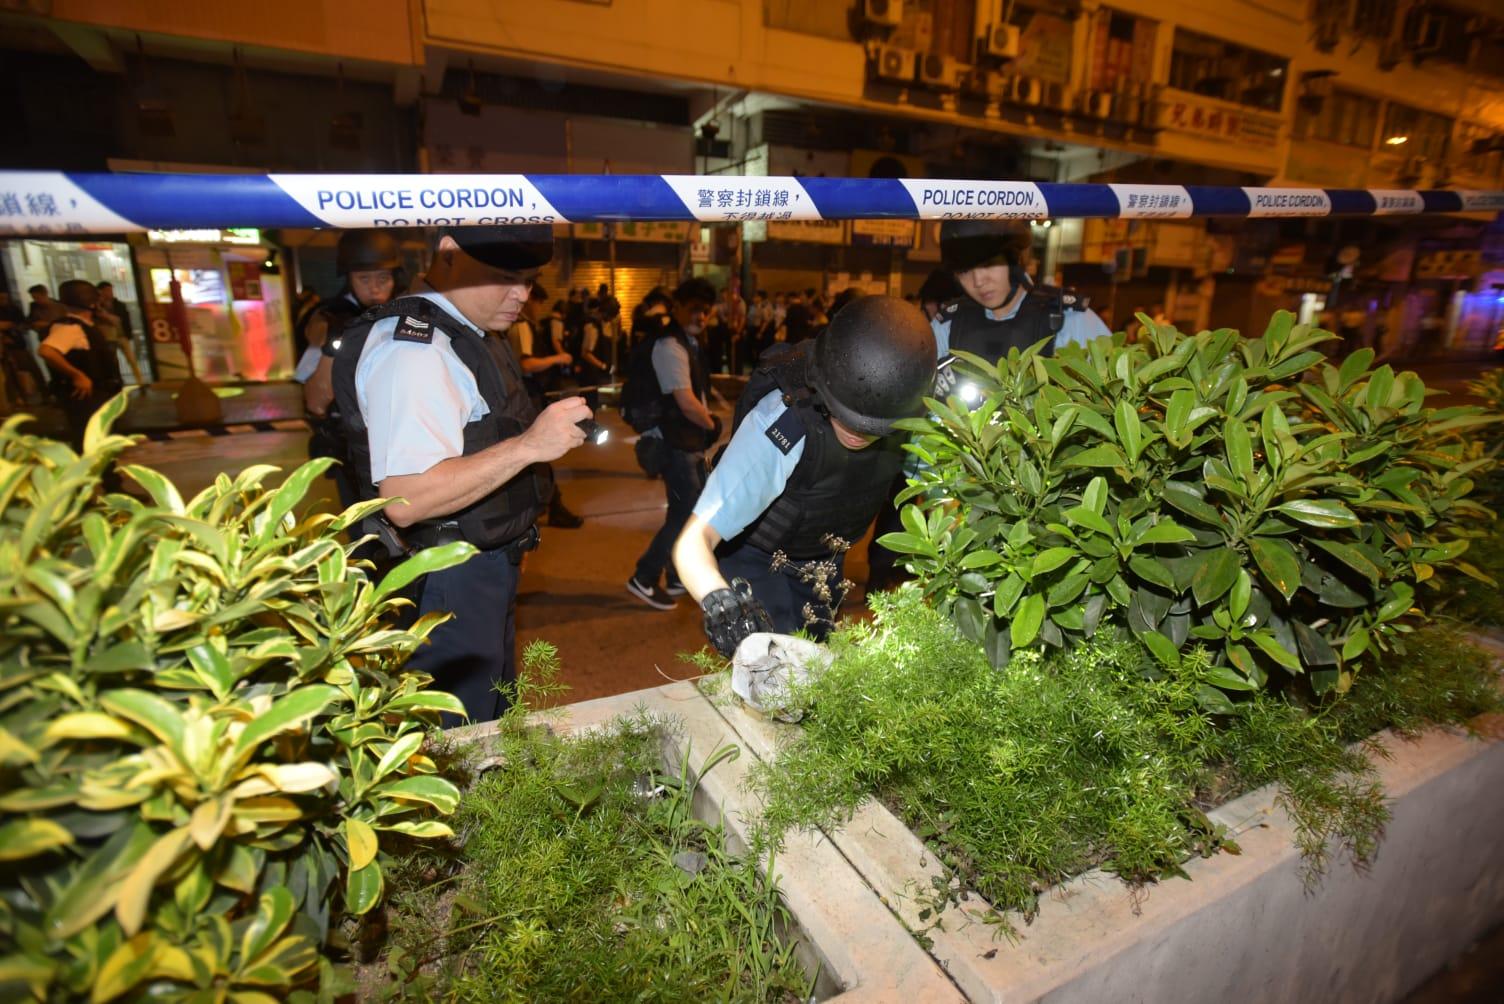 警員搜尋彈頭。